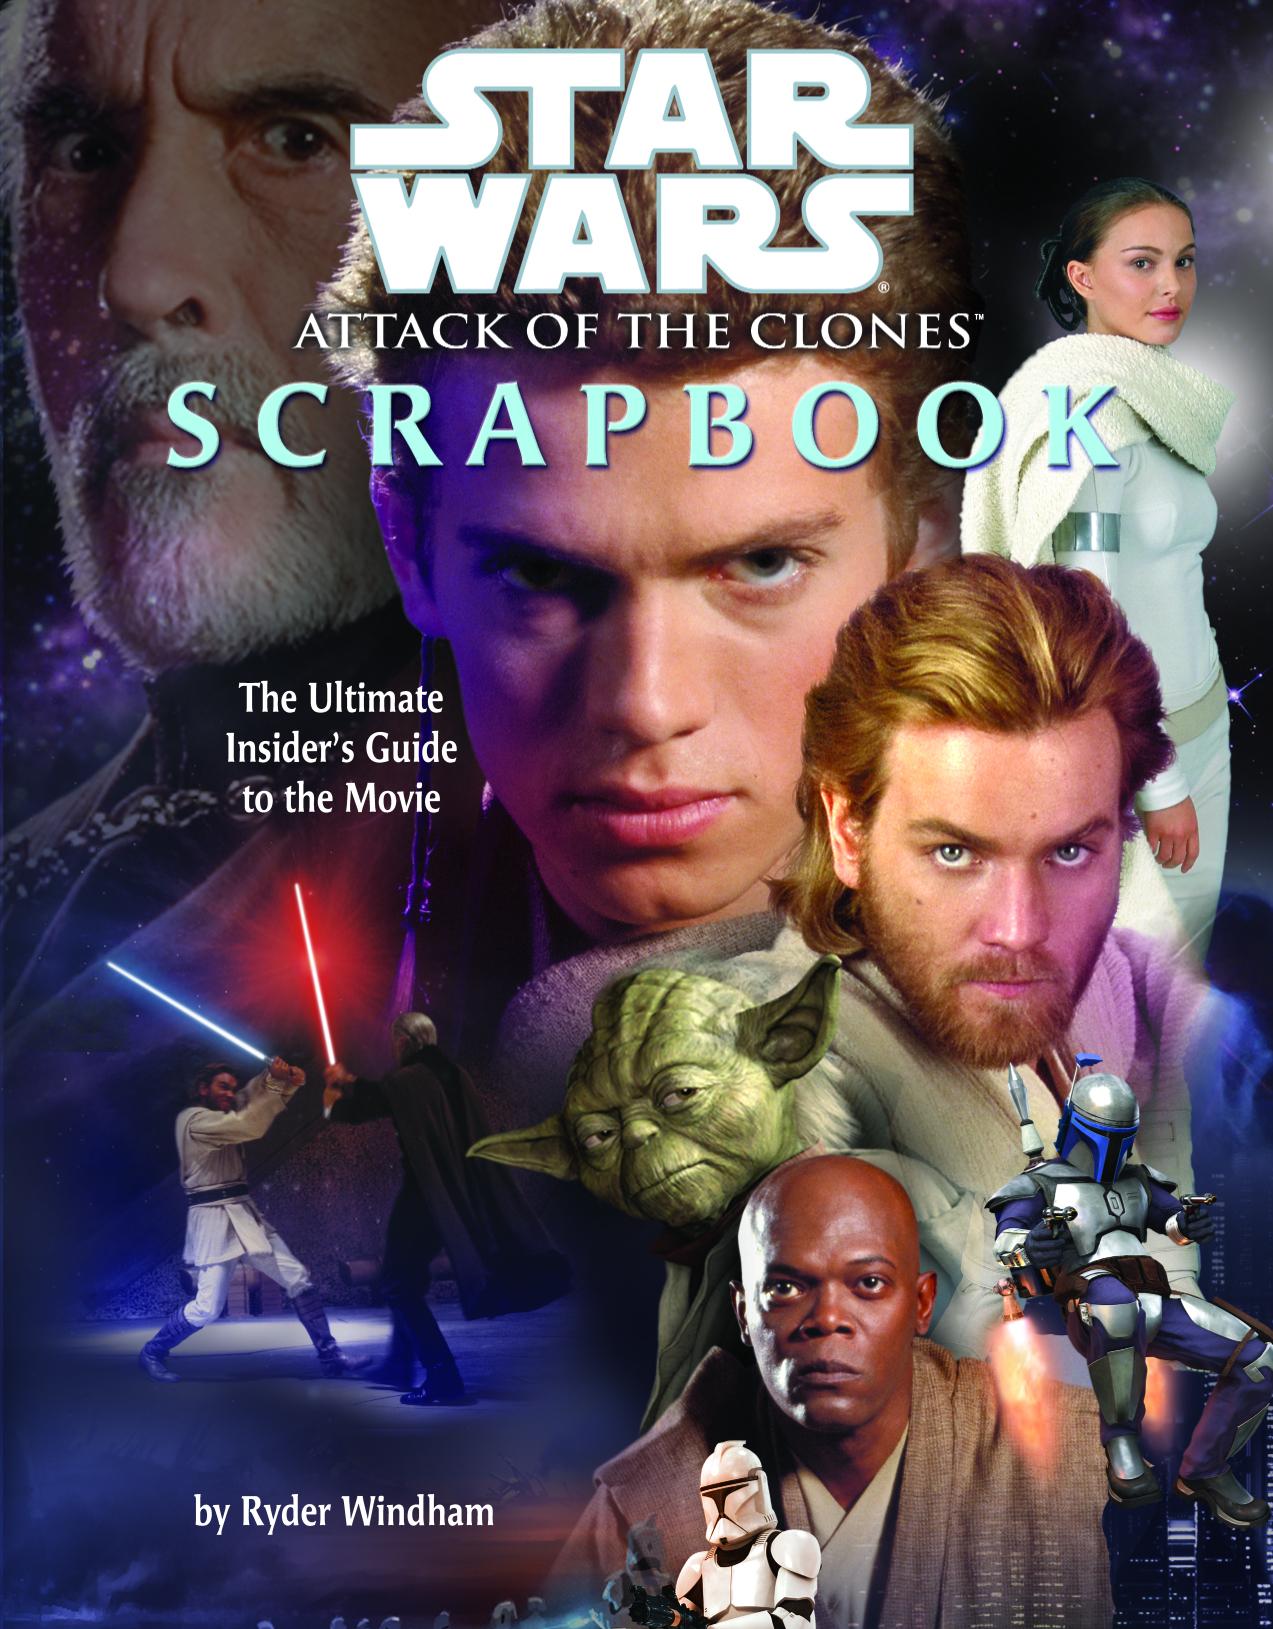 Star Wars: Episode II - Attack of the Clones (2002) recensie